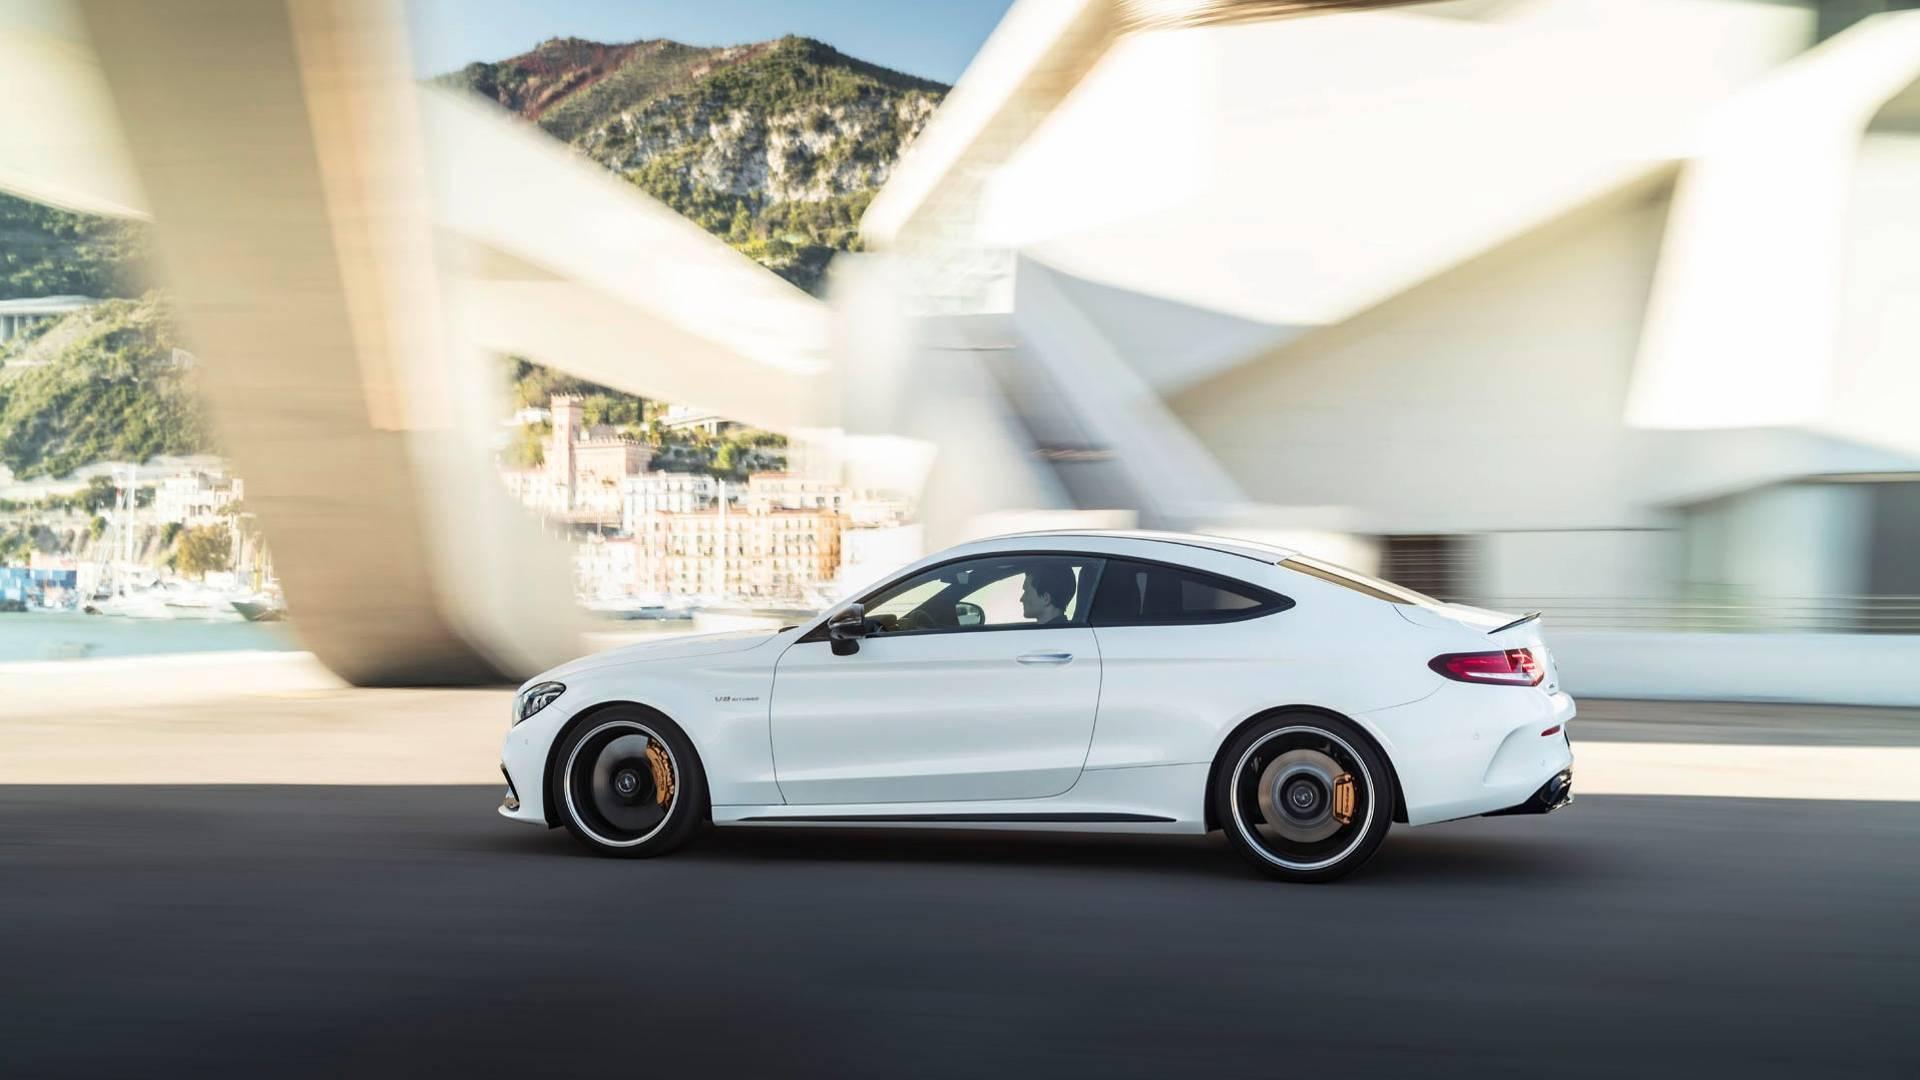 Nova geração do Mercedes-AMG C63 terá tração 4WD e modo drift 2019-mercedes-amg-c63-coupe